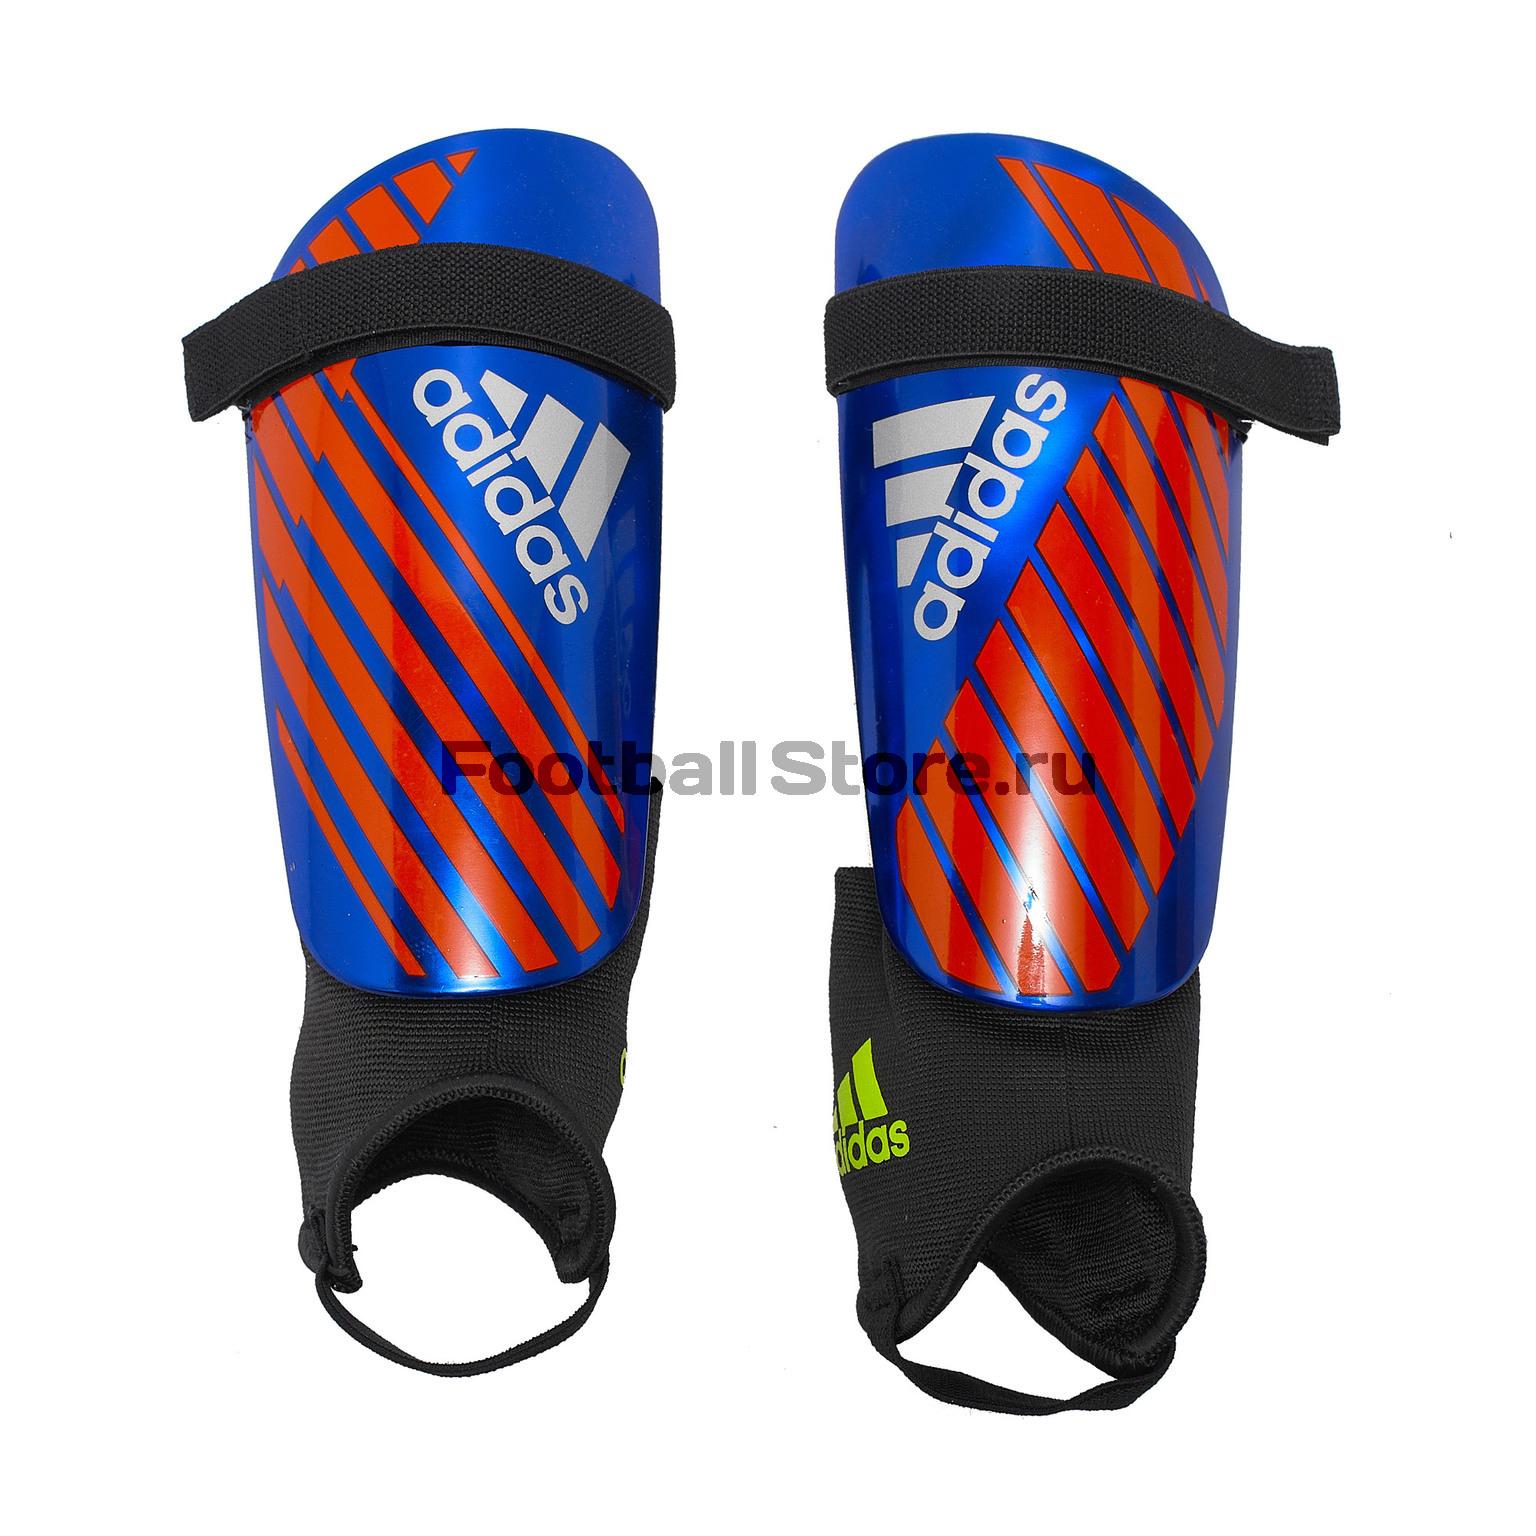 Щитки Adidas X Reflex DN8599 щитки футбольные adidas x lesto dy2578 серебристый размер m